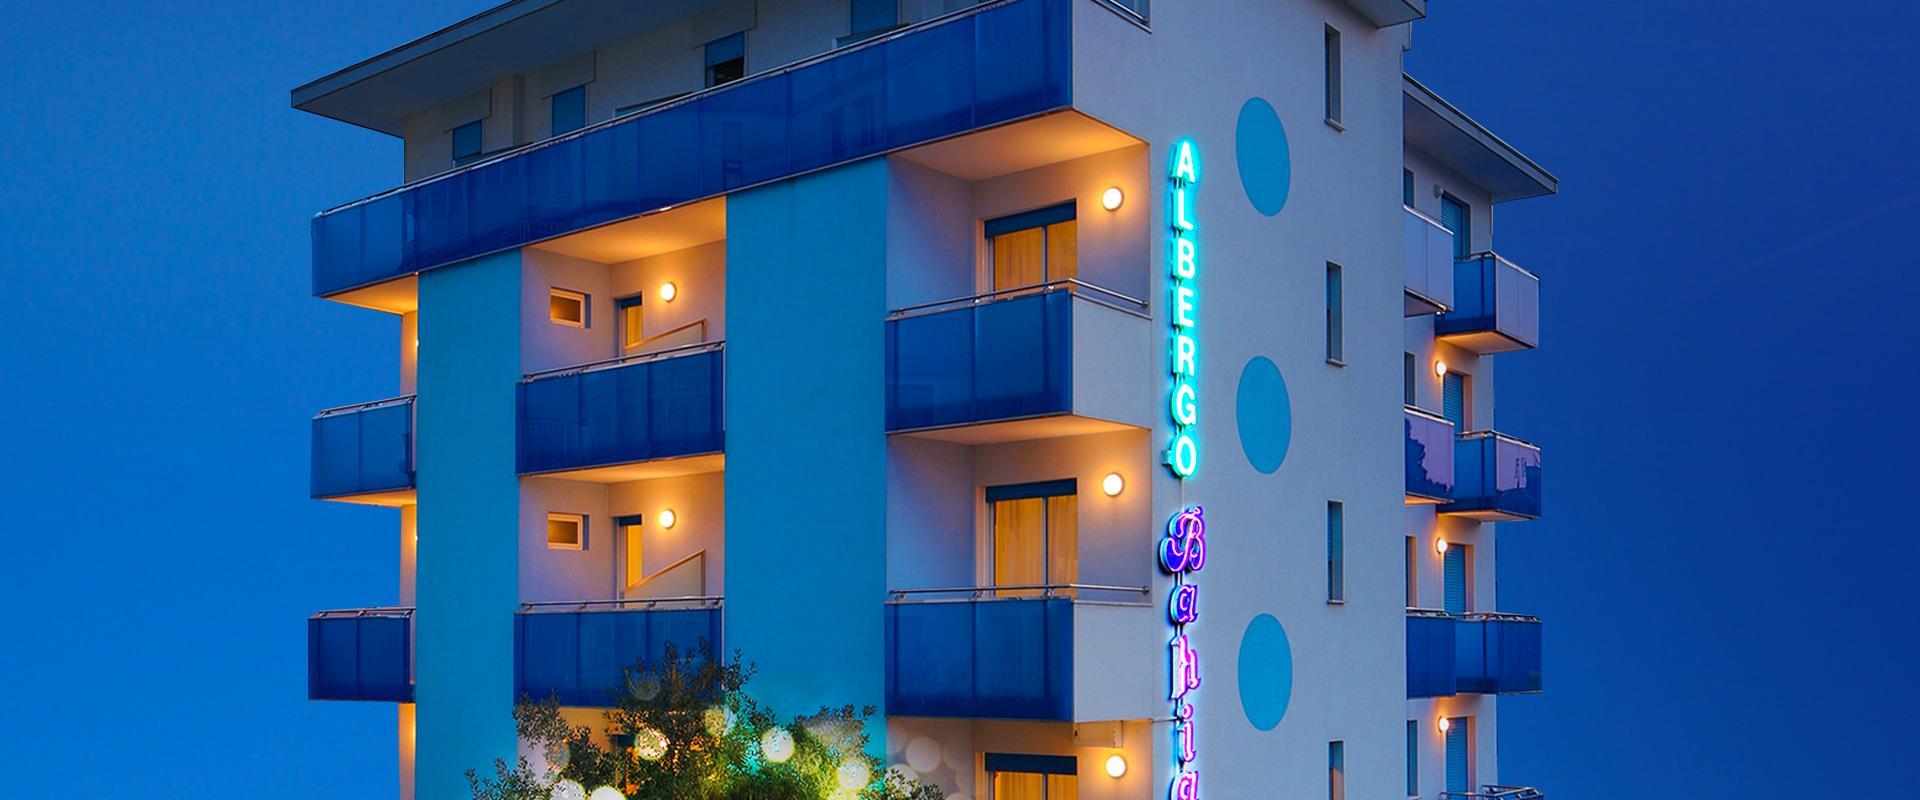 bahia hotel wenige schritte vom meer und 100 meter vom zentrum. Black Bedroom Furniture Sets. Home Design Ideas